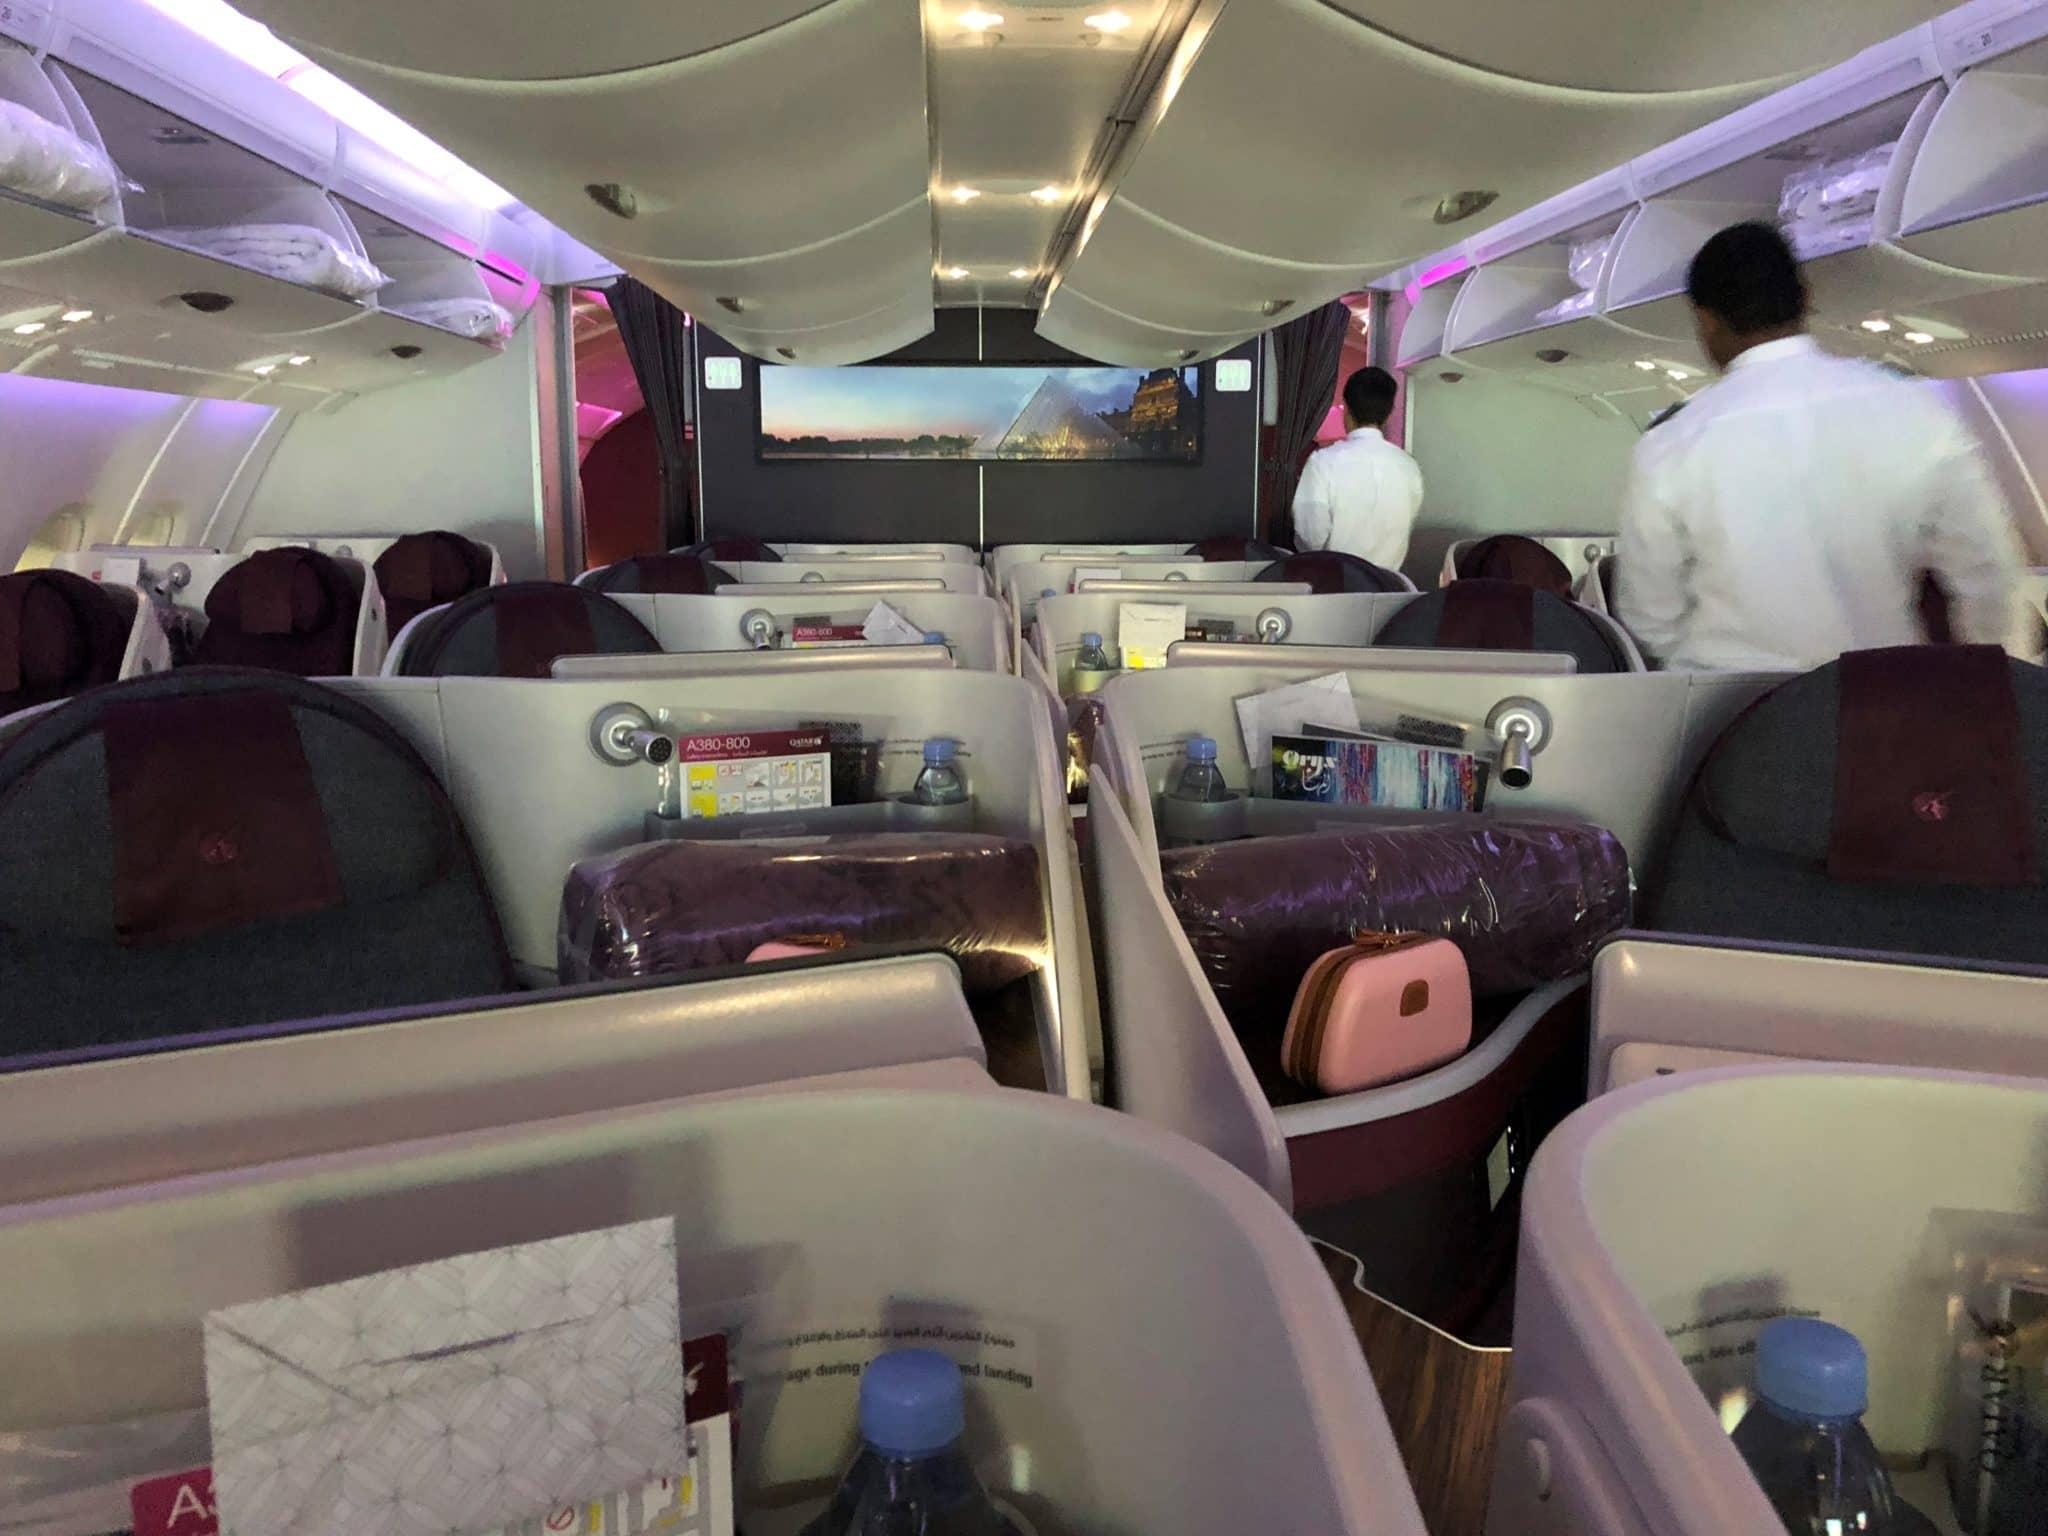 Qatar Airways Business Class A380 Kabine von vorne